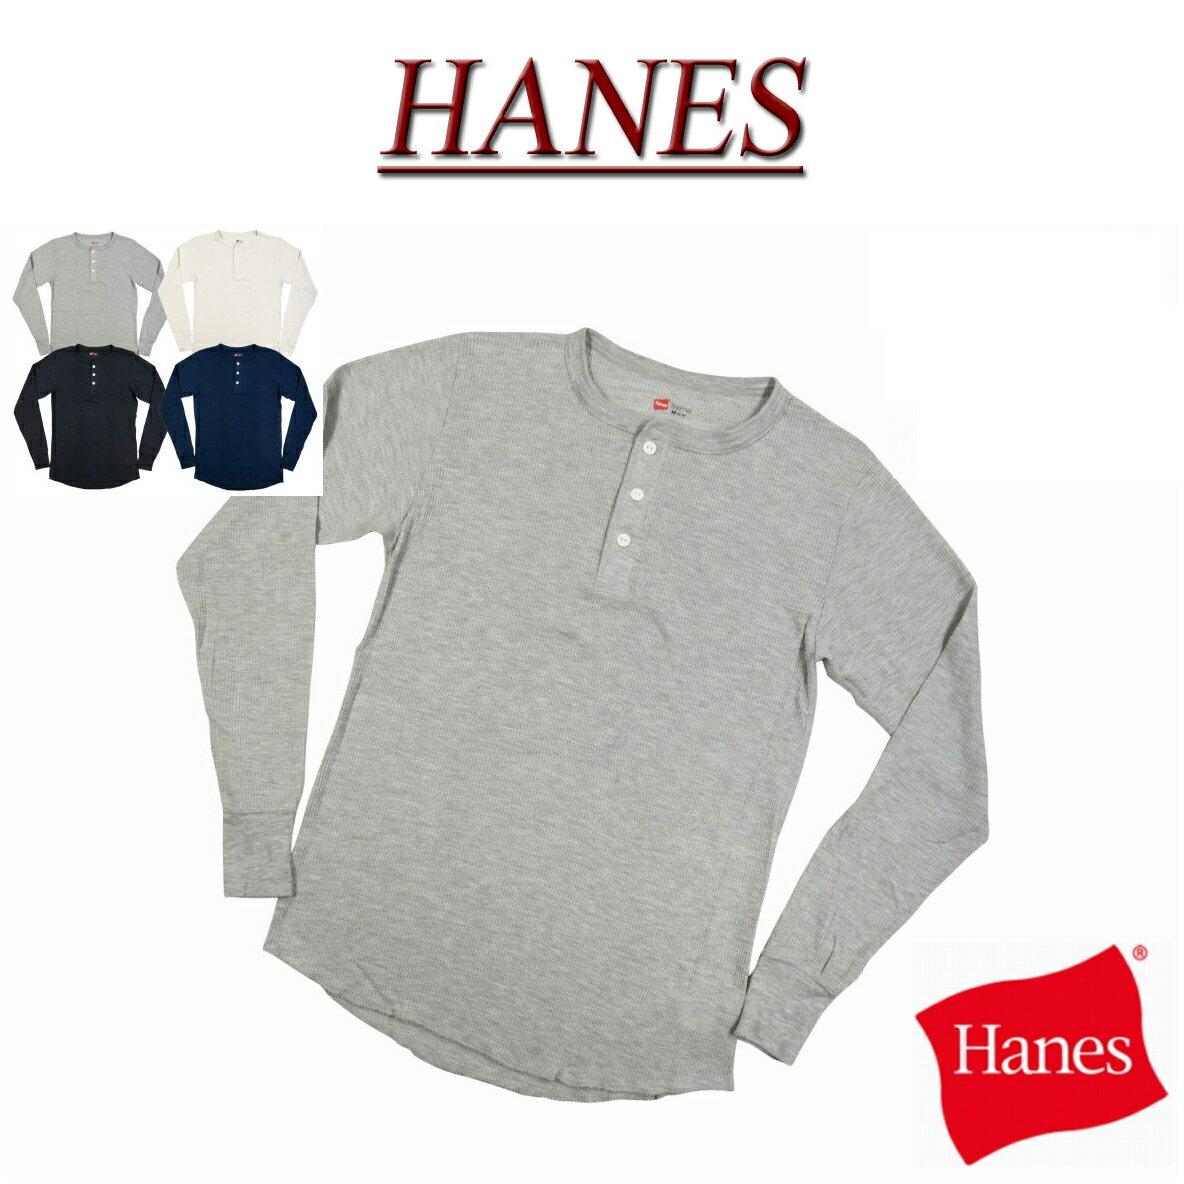 【1/8再入荷! 定番 4色3サイズ】 ia662 新品 Hanes 無地 ヘンリーネック サーマル ロンT HM4-G503 メンズ ヘインズ ティーシャツ 長袖 Tシャツ ワッフル ロンティー LONG SLEEVE THERMAL T-SHIRT